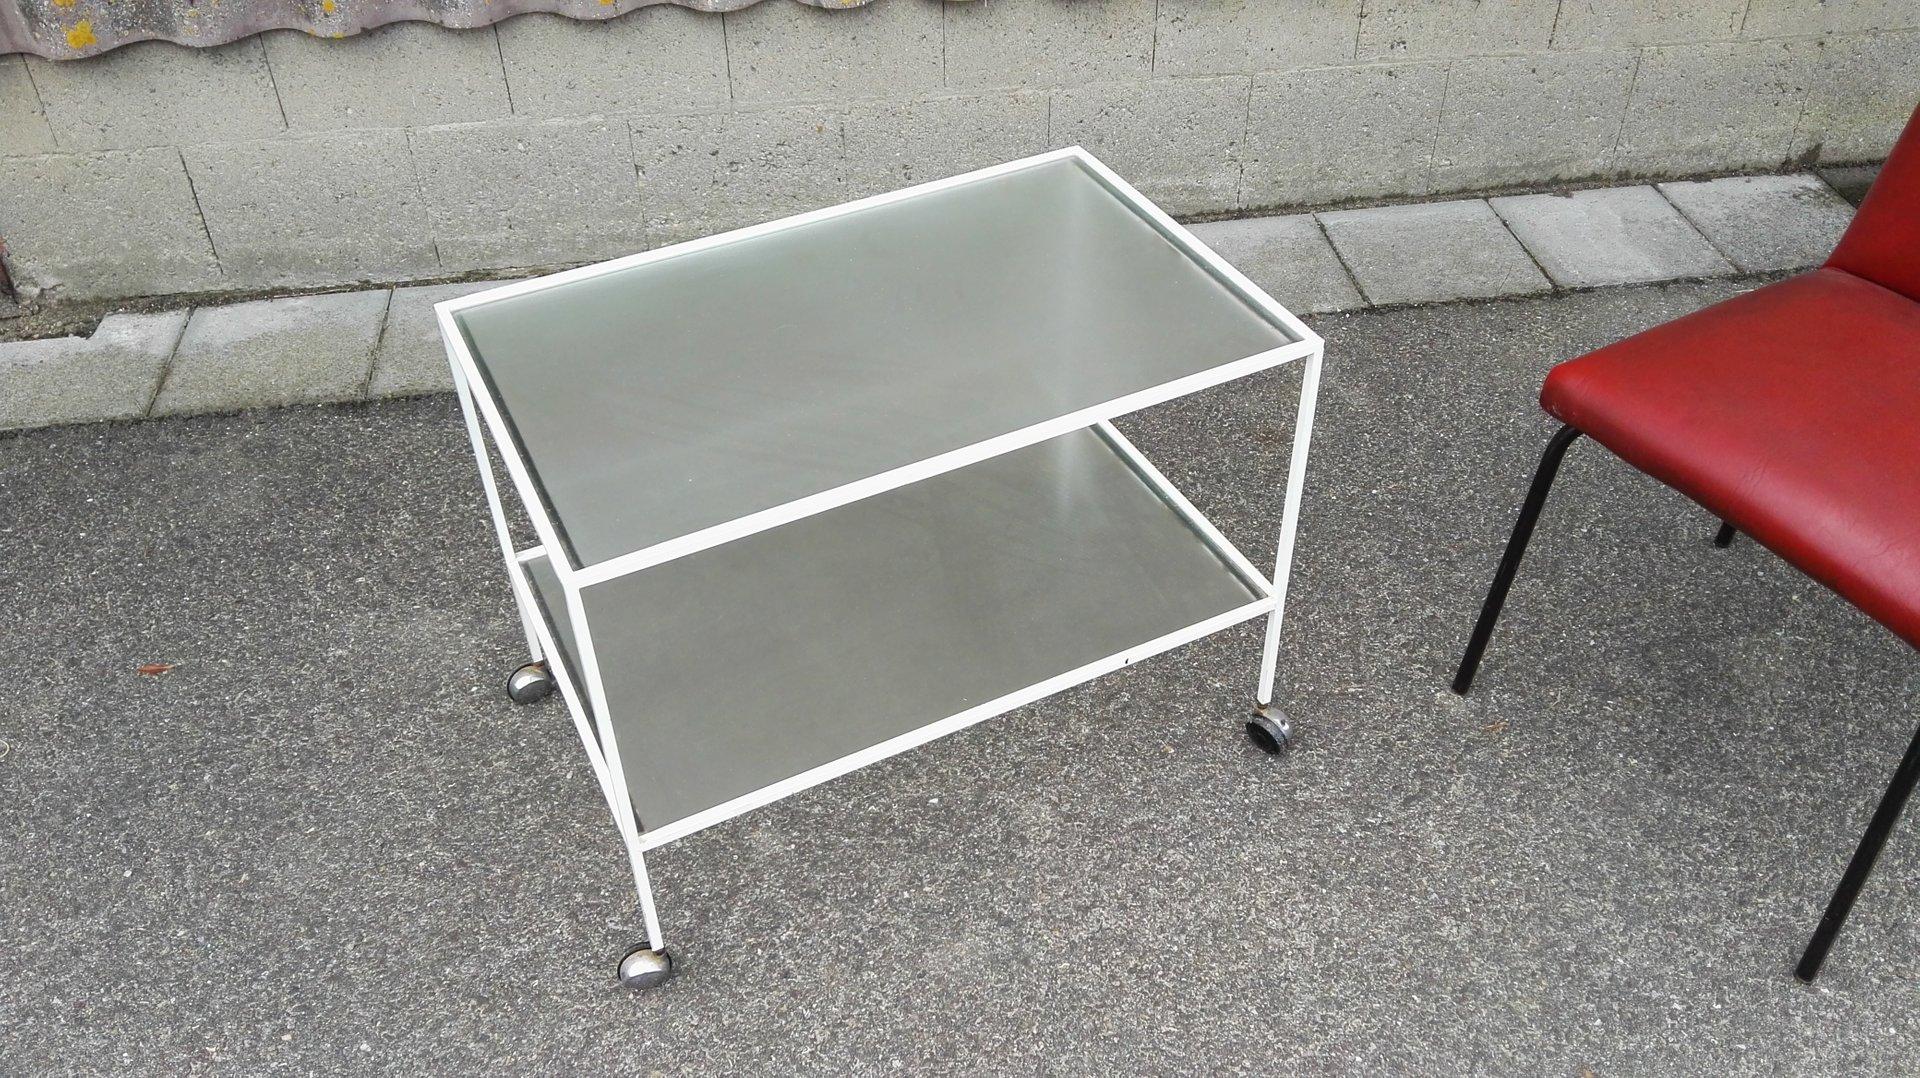 scaffali metallo e vetro: scaffale bianco in metallo l 50 cm ... - Scaffali Metallo E Vetro